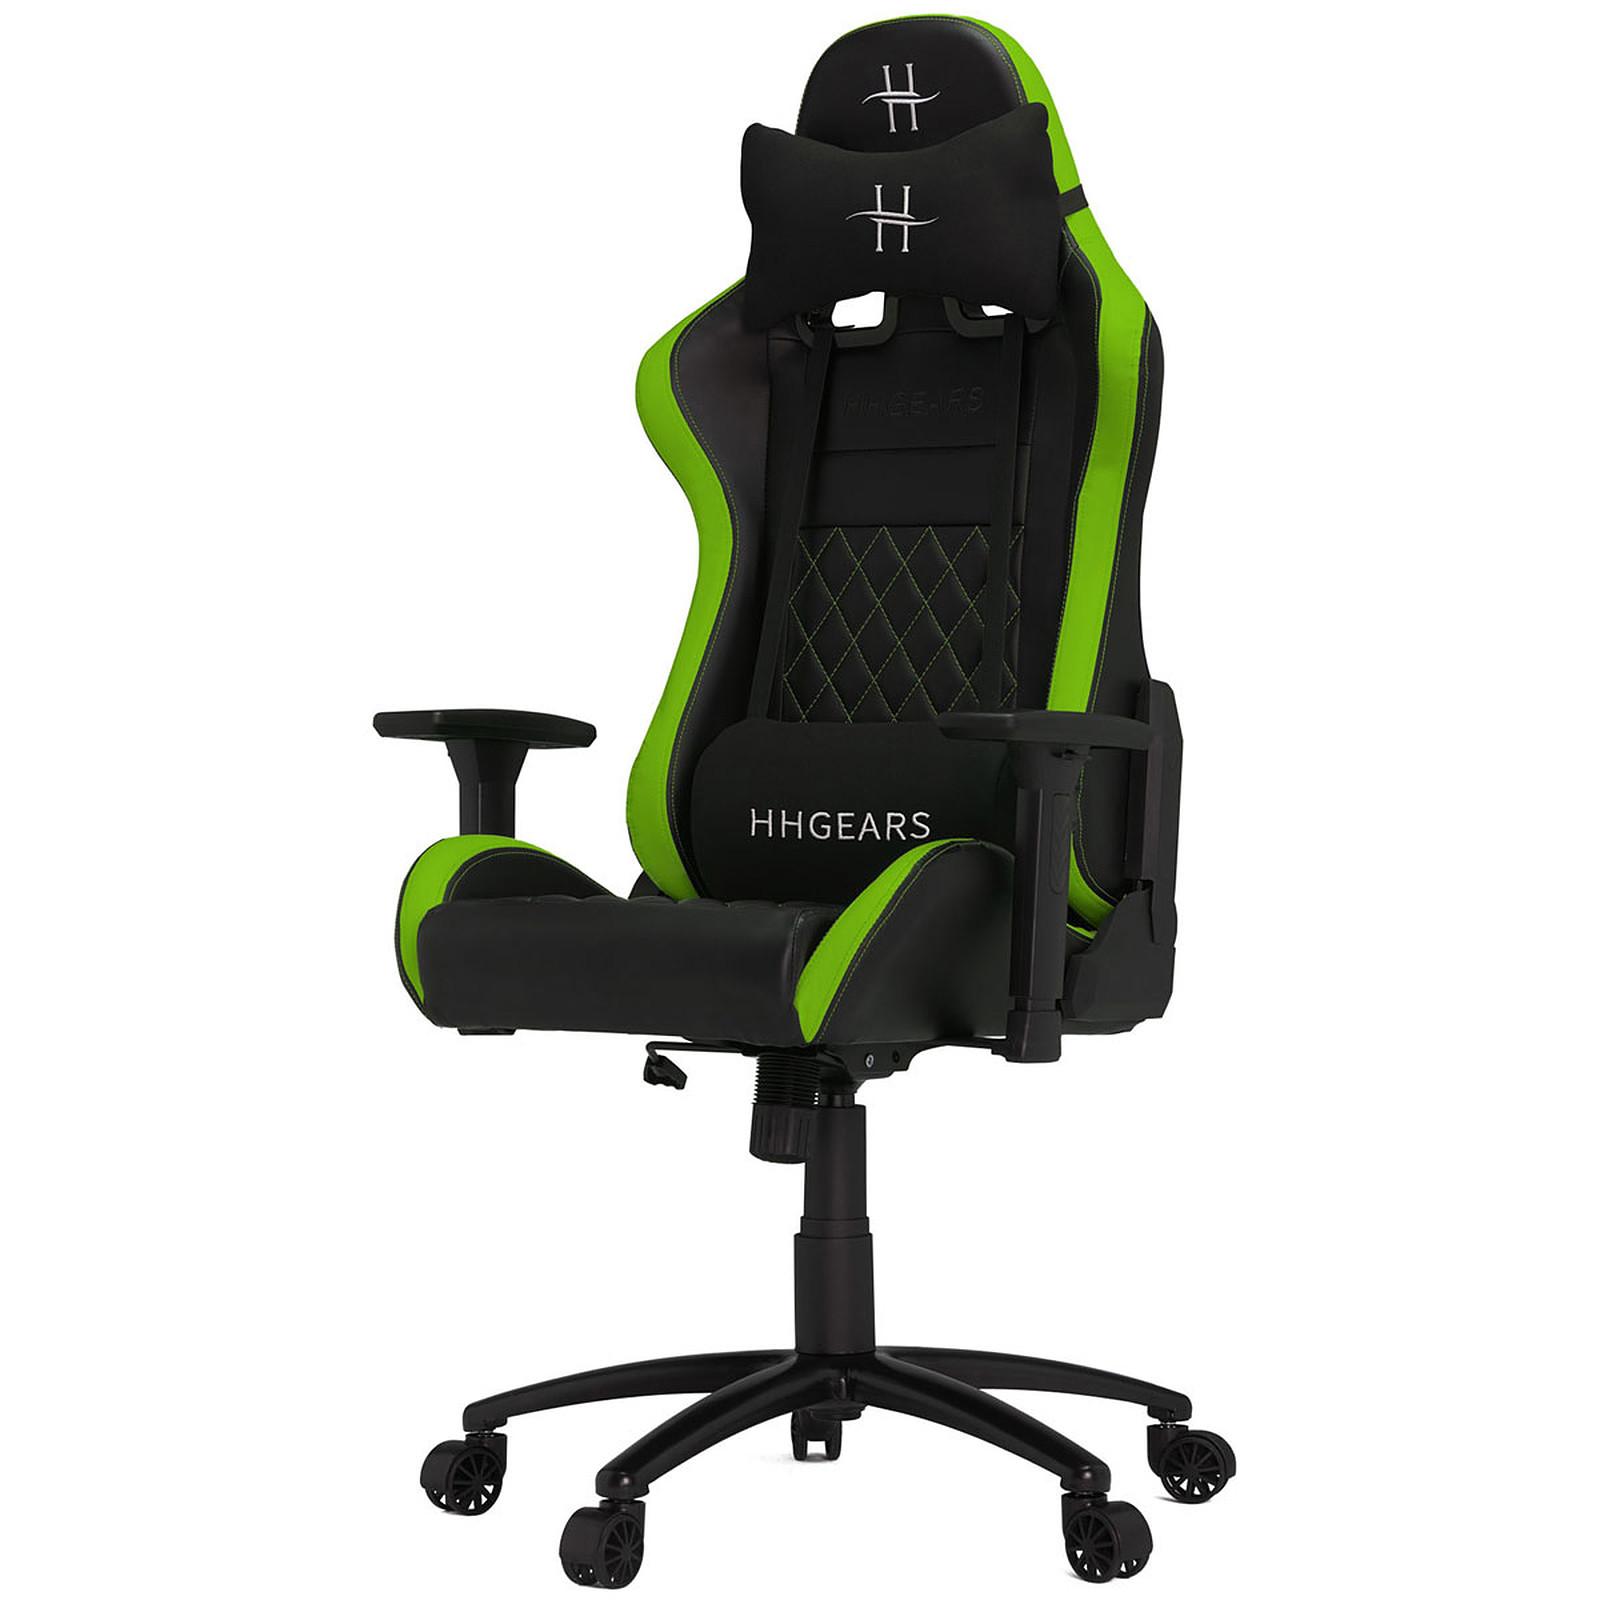 HHGears XL-500 Vert